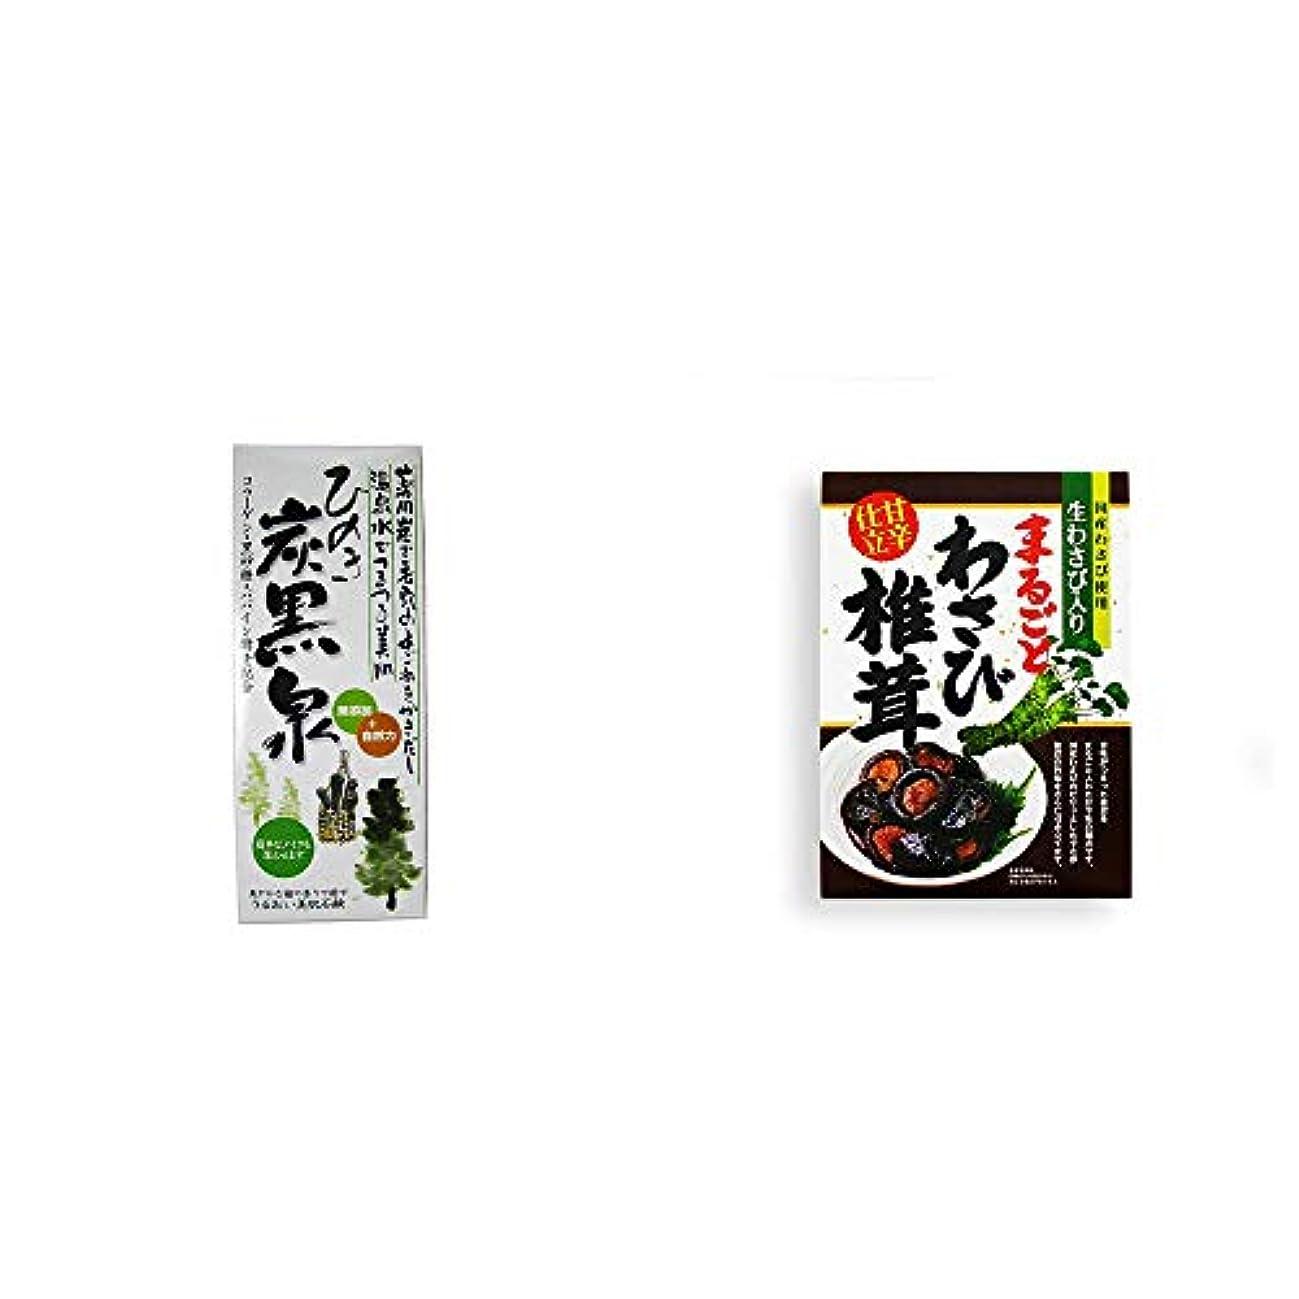 エーカーアジア驚[2点セット] ひのき炭黒泉 箱入り(75g×3)?まるごとわさび椎茸(200g)